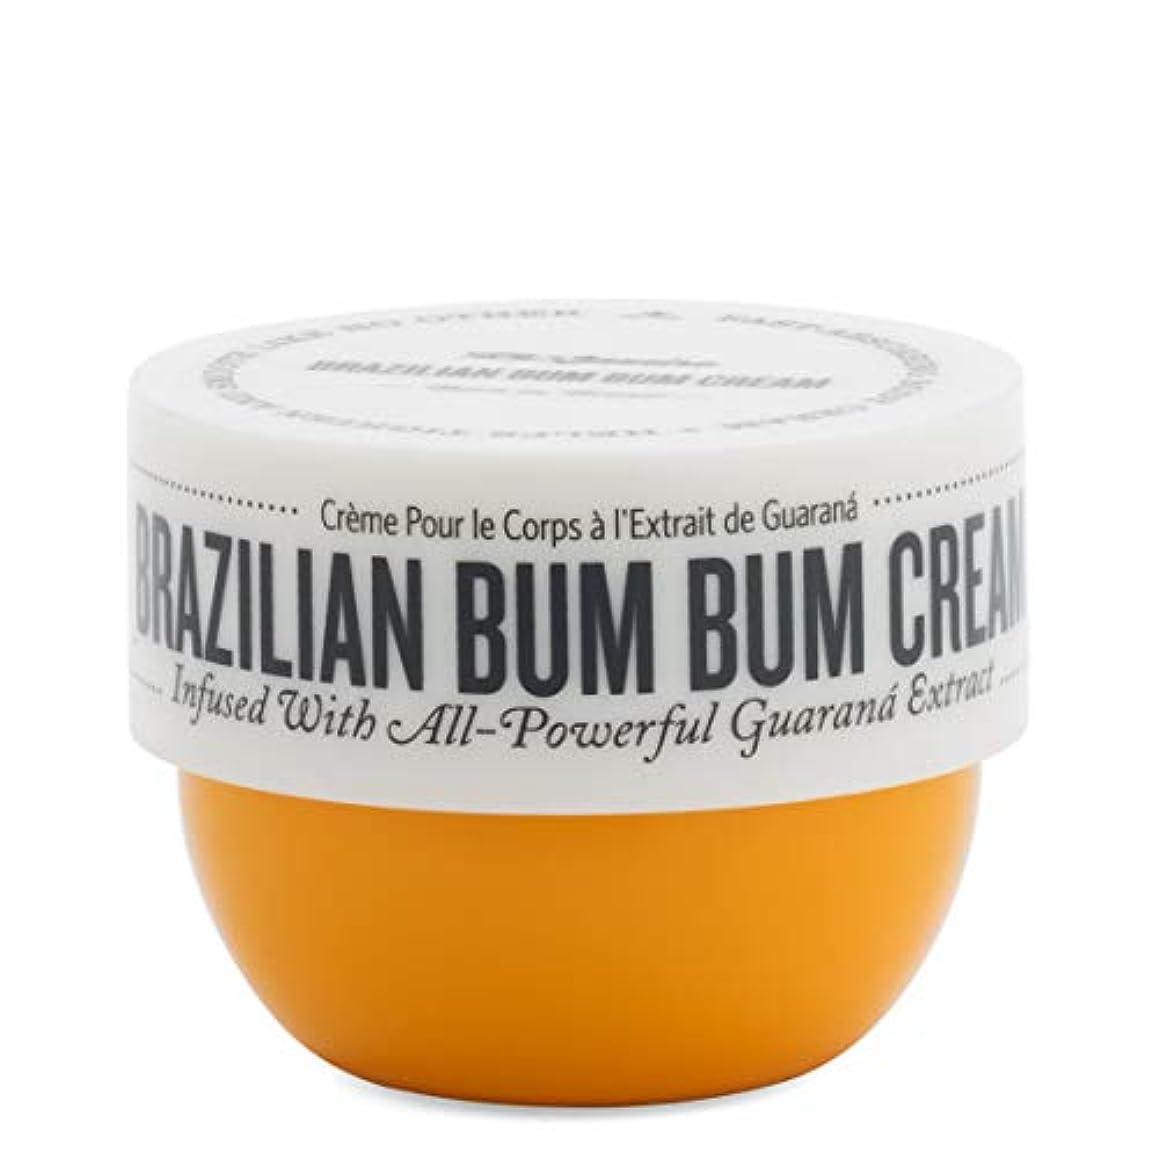 少し黒くする弓《 ブラジリアン ブンブンクリーム 》Brazilian BUM BUM Cream (74ml)